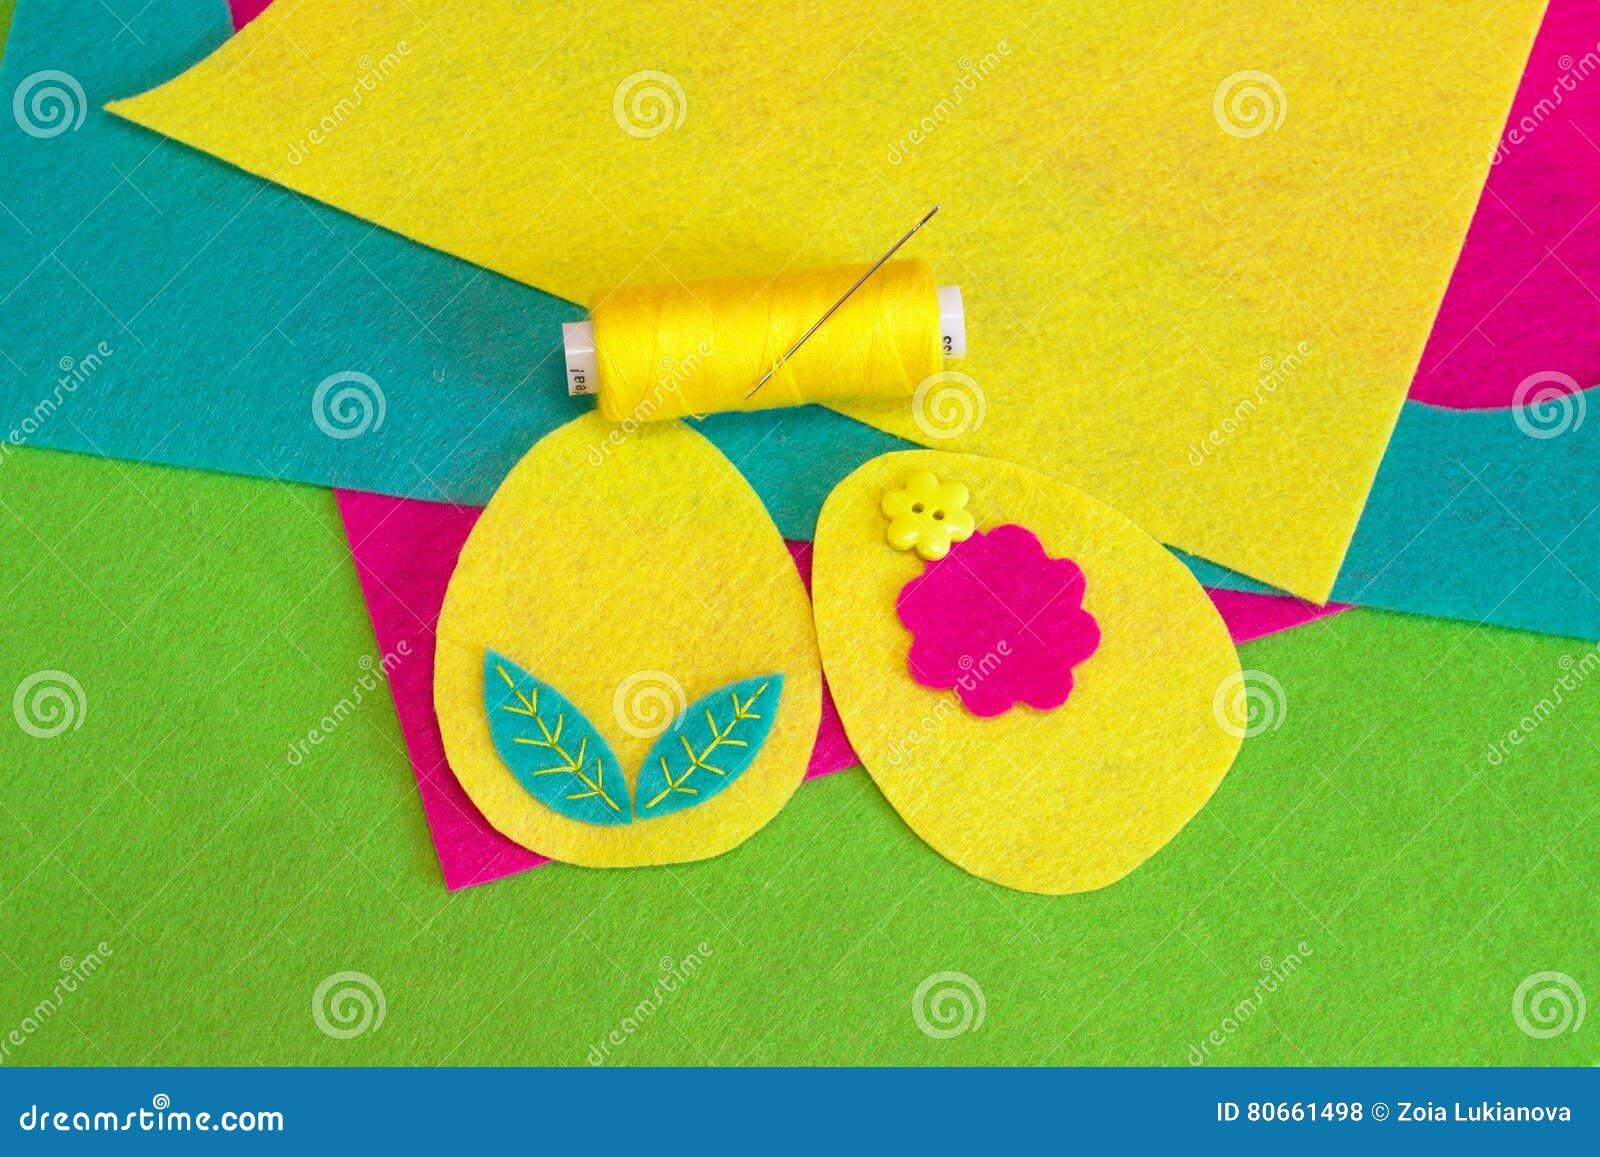 Nahen Der Filz Ostereier Mit Blume Farbiges Gewinde Bunte